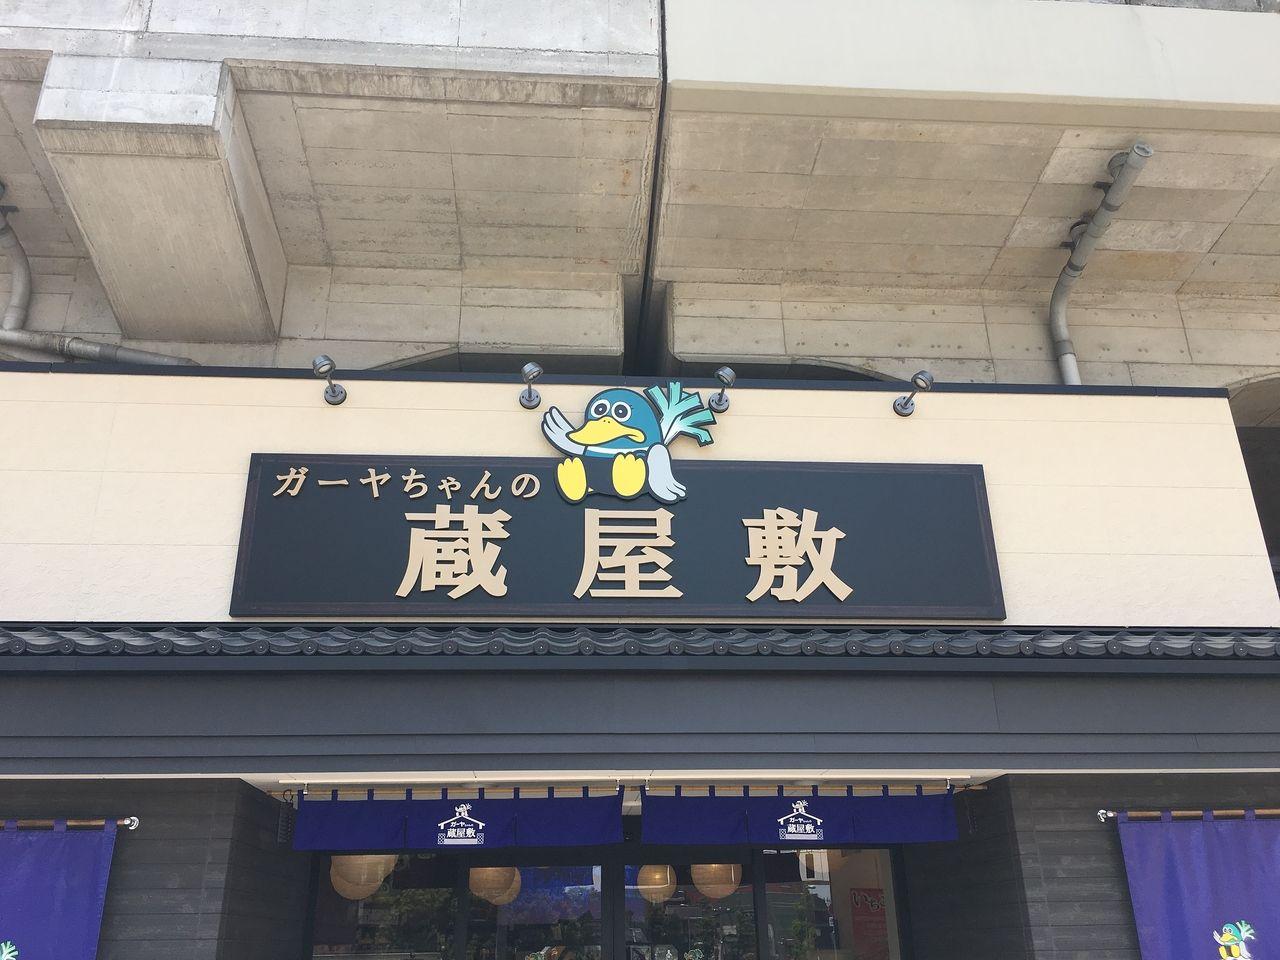 越谷の魅力を発信する観光物産拠点施設「ガーヤちゃんの蔵屋敷」です!!